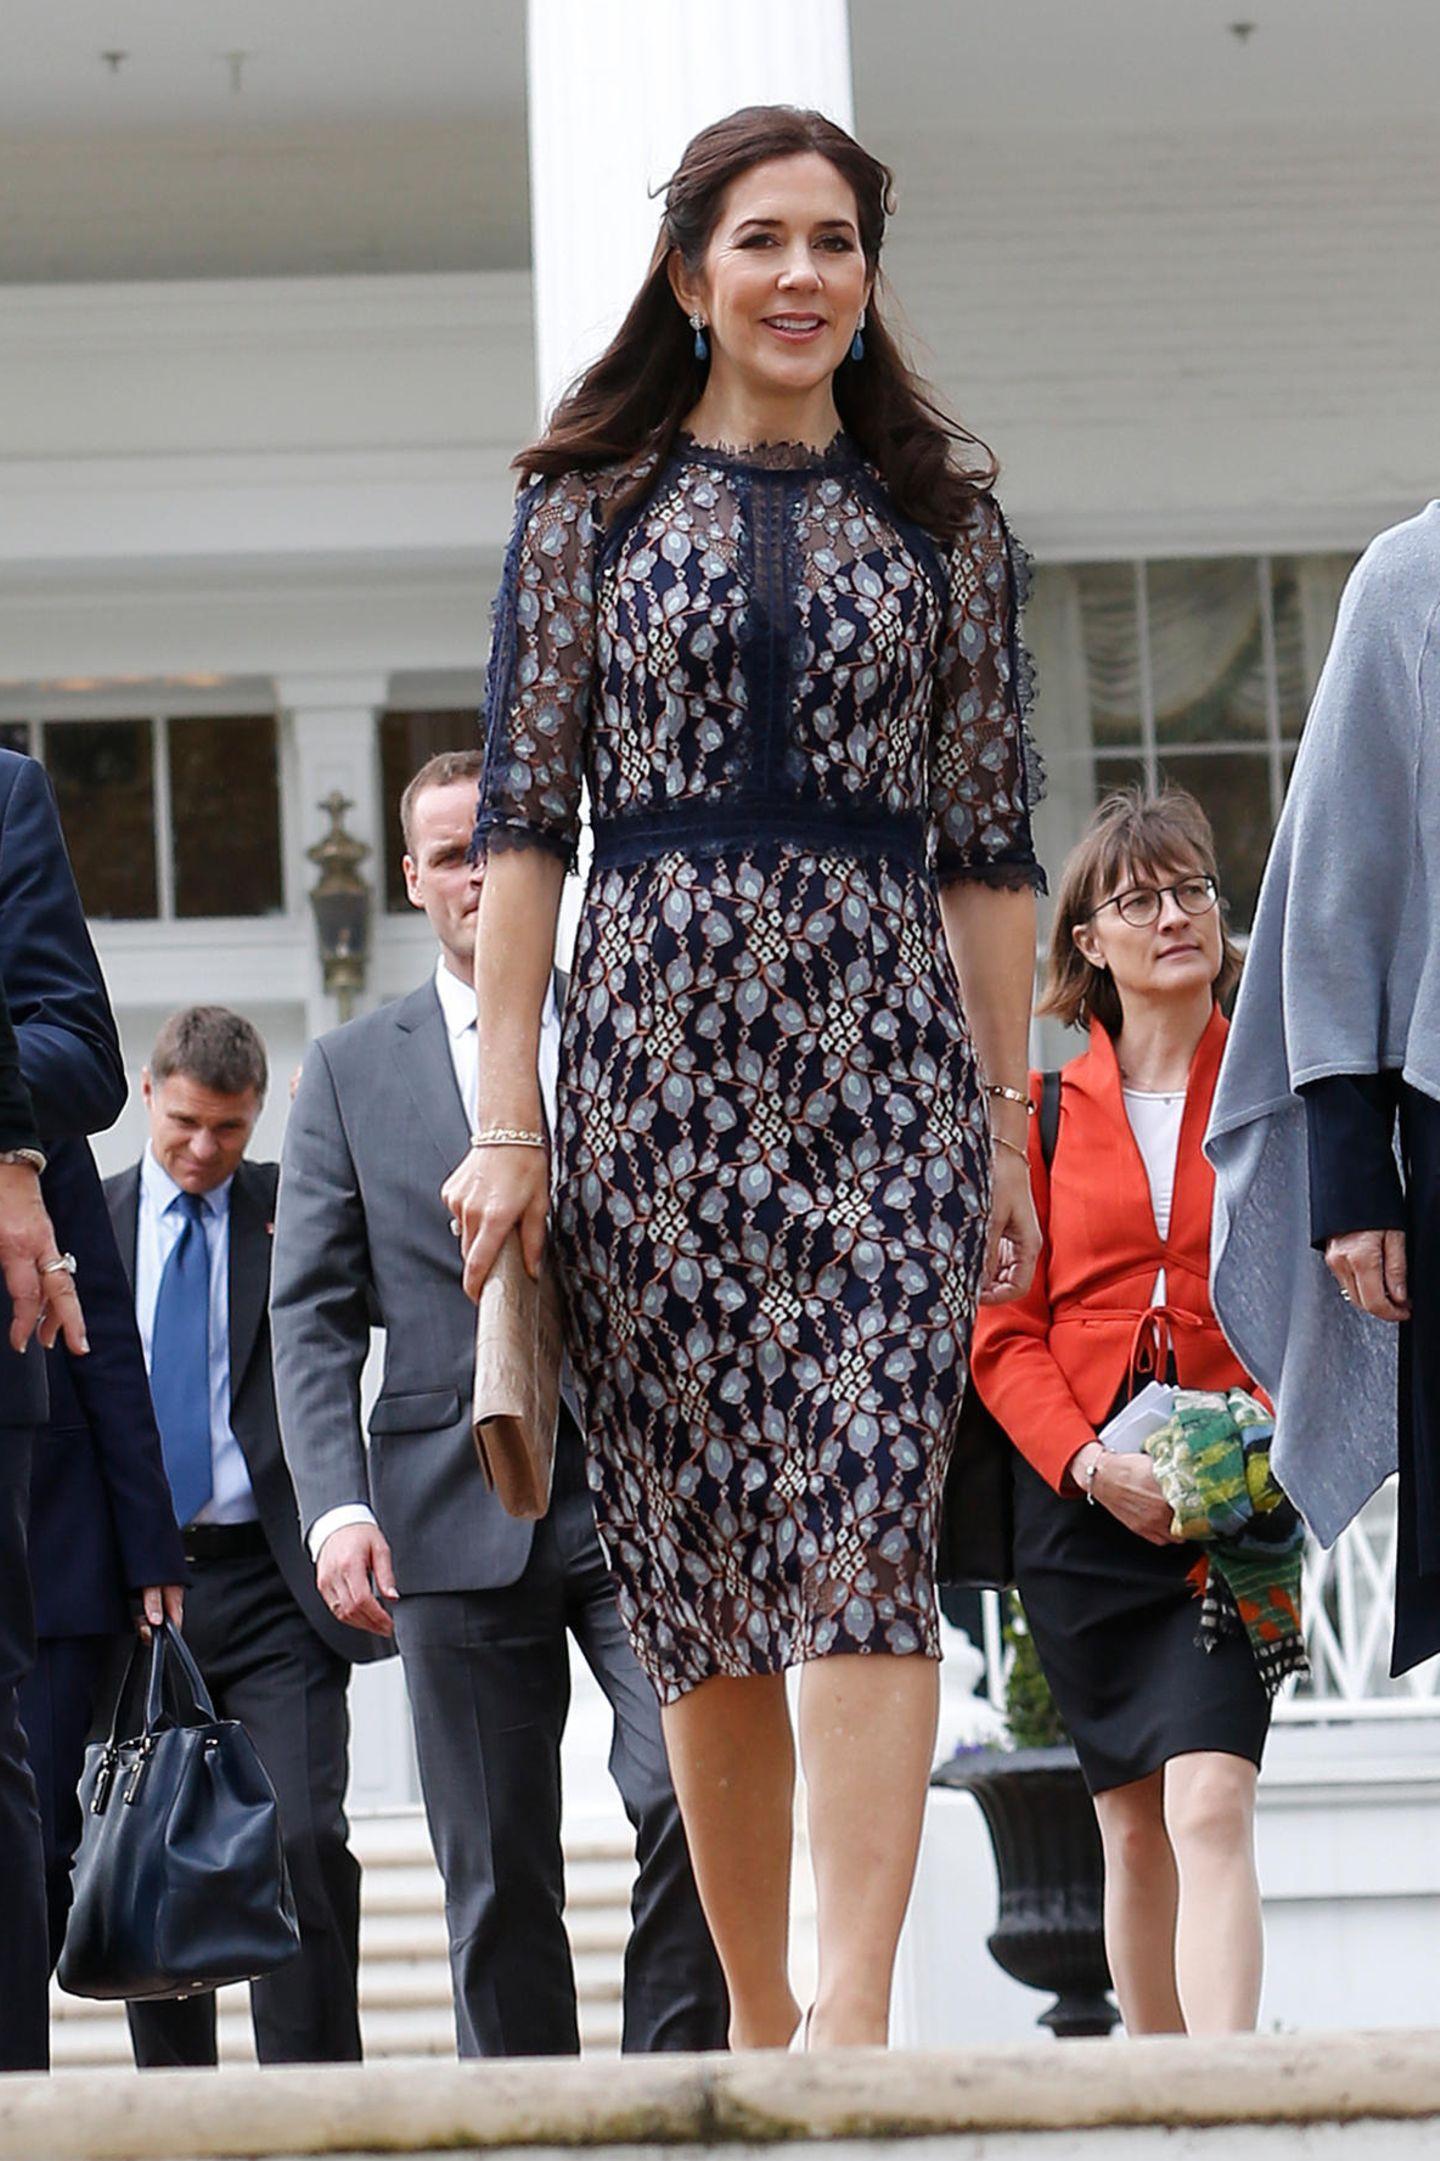 Im eleganten,dunkelblauen Etuikleidbeweist Kronprinzessin Marywieder einmal ihr gutes Händchen bei der Outfitwahl. Das bestickte, körperbetonte Kleid ist schick, aber nicht spießig und passt daher optimal für ihren Besuch beim Gouverneur.